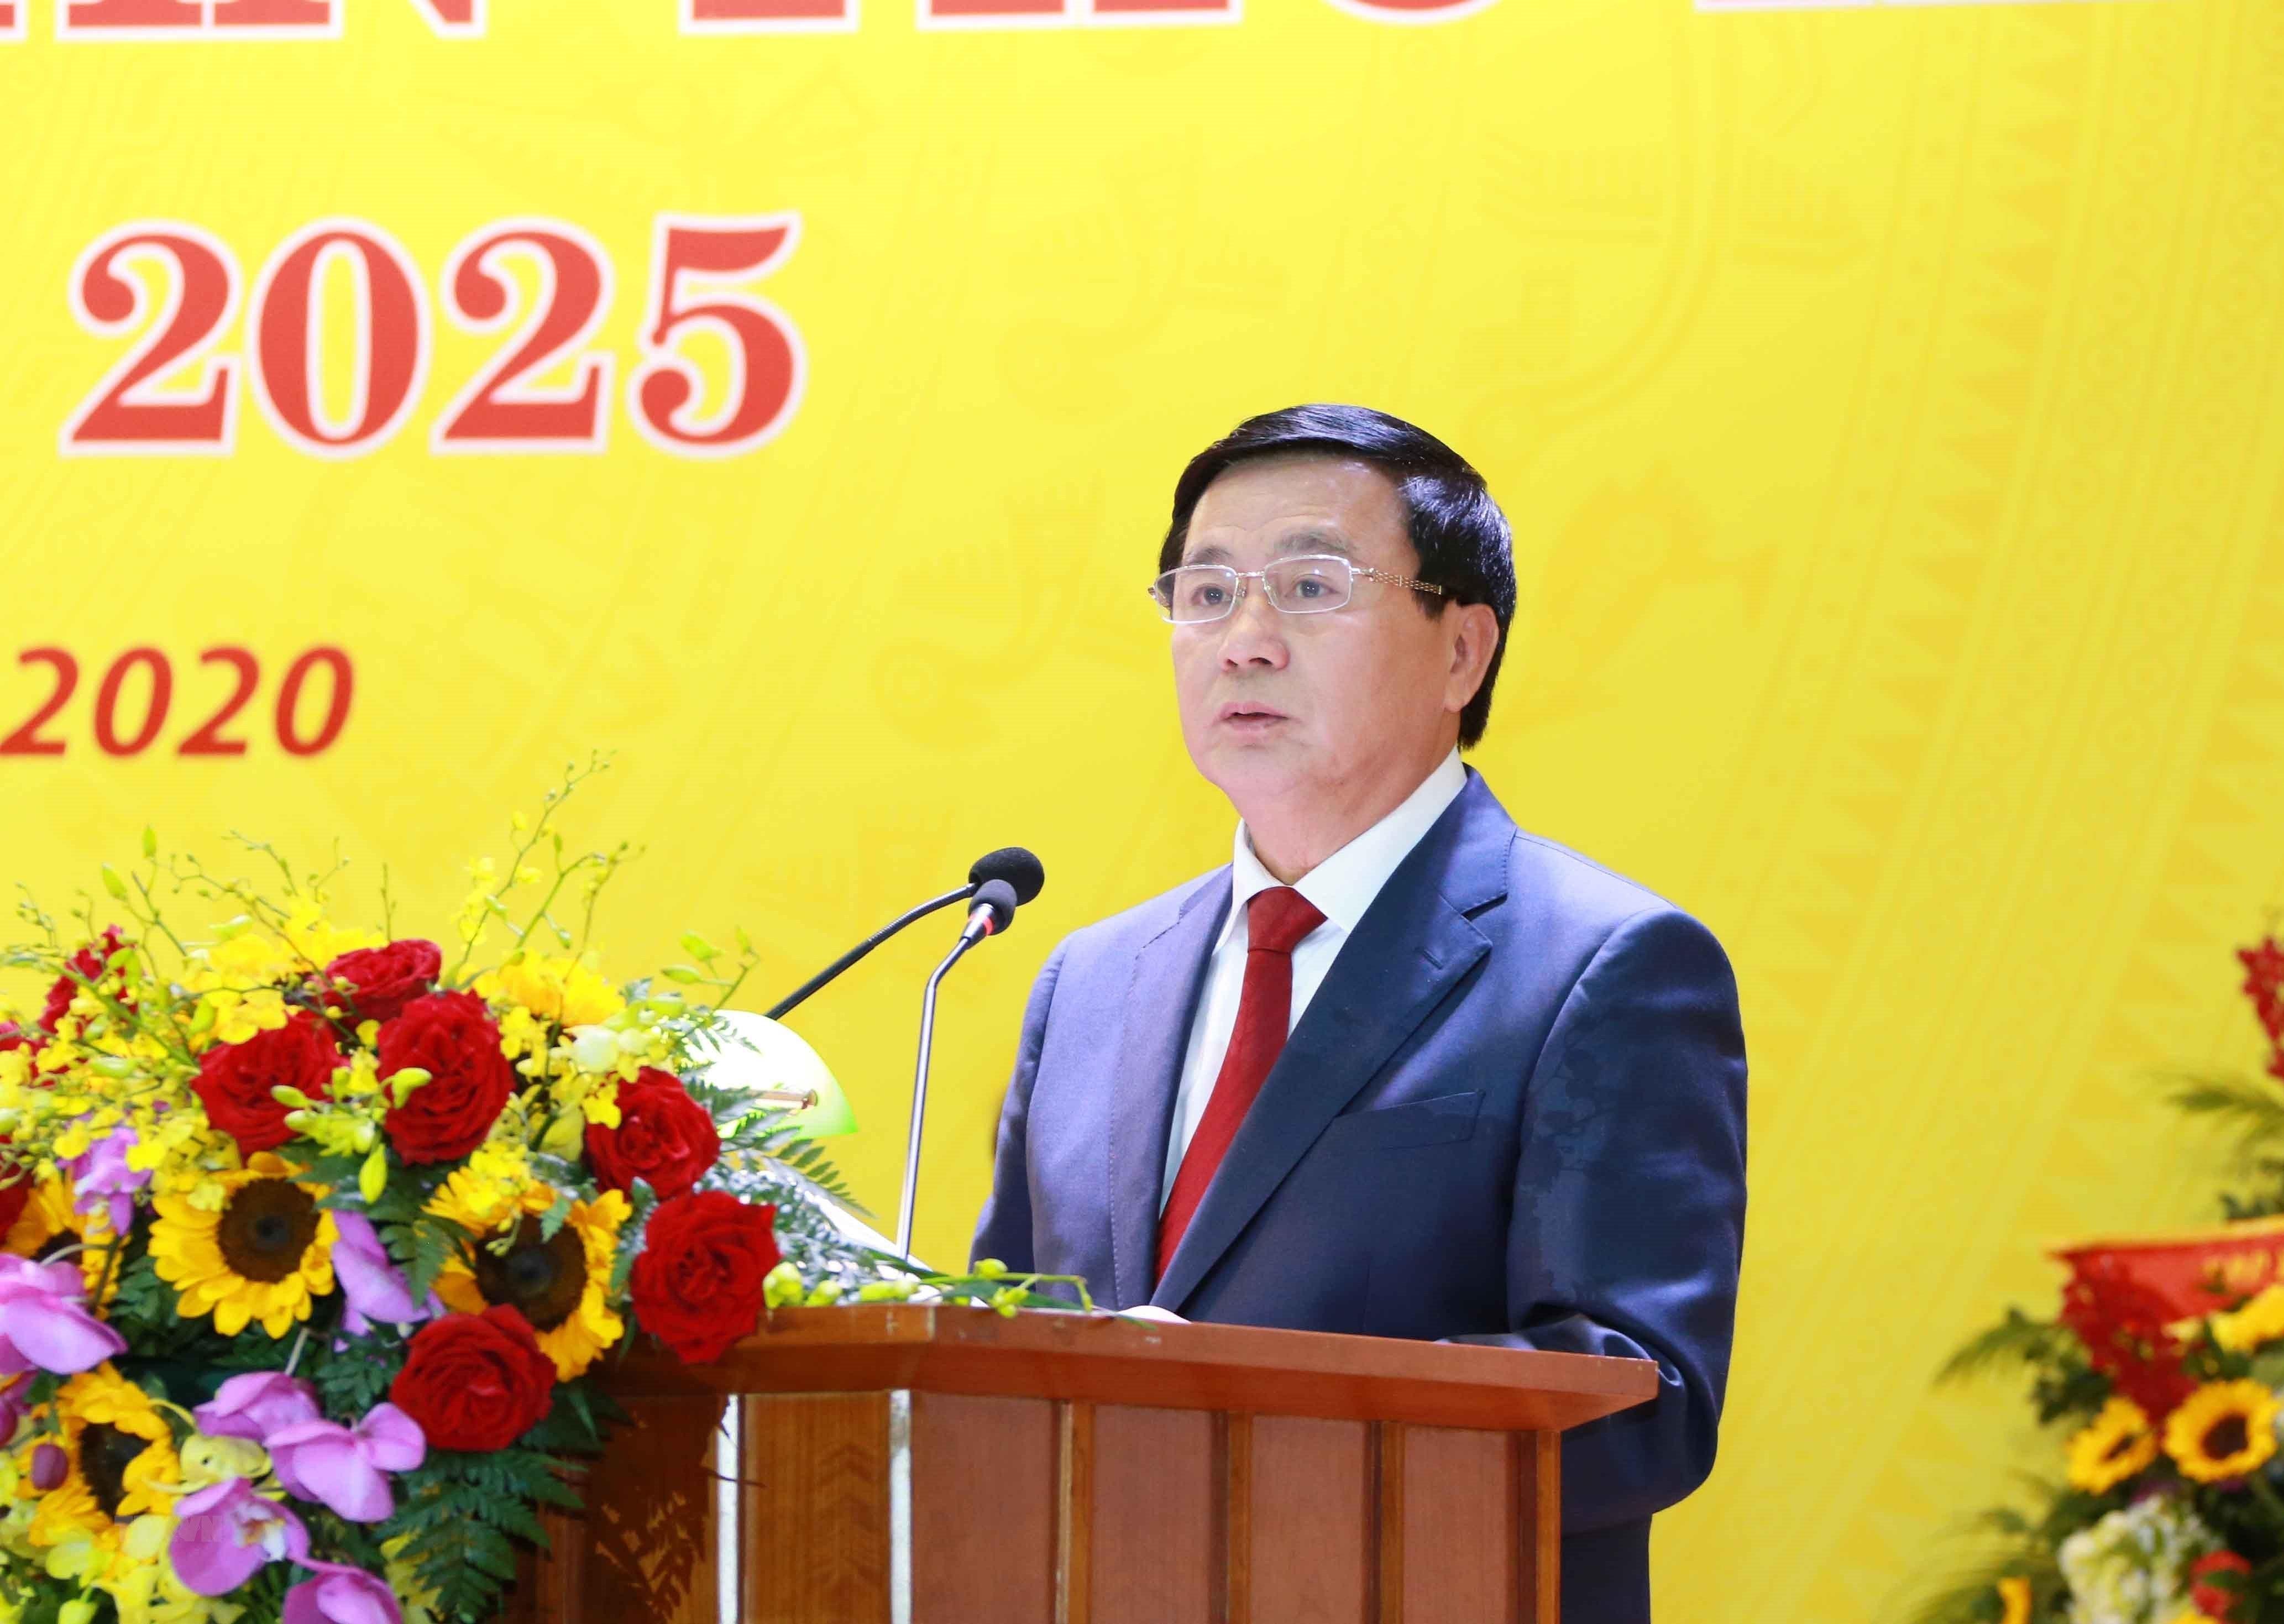 Khai mac Dai hoi dai bieu Dang bo Khoi Doanh nghiep Trung uong lan III hinh anh 1